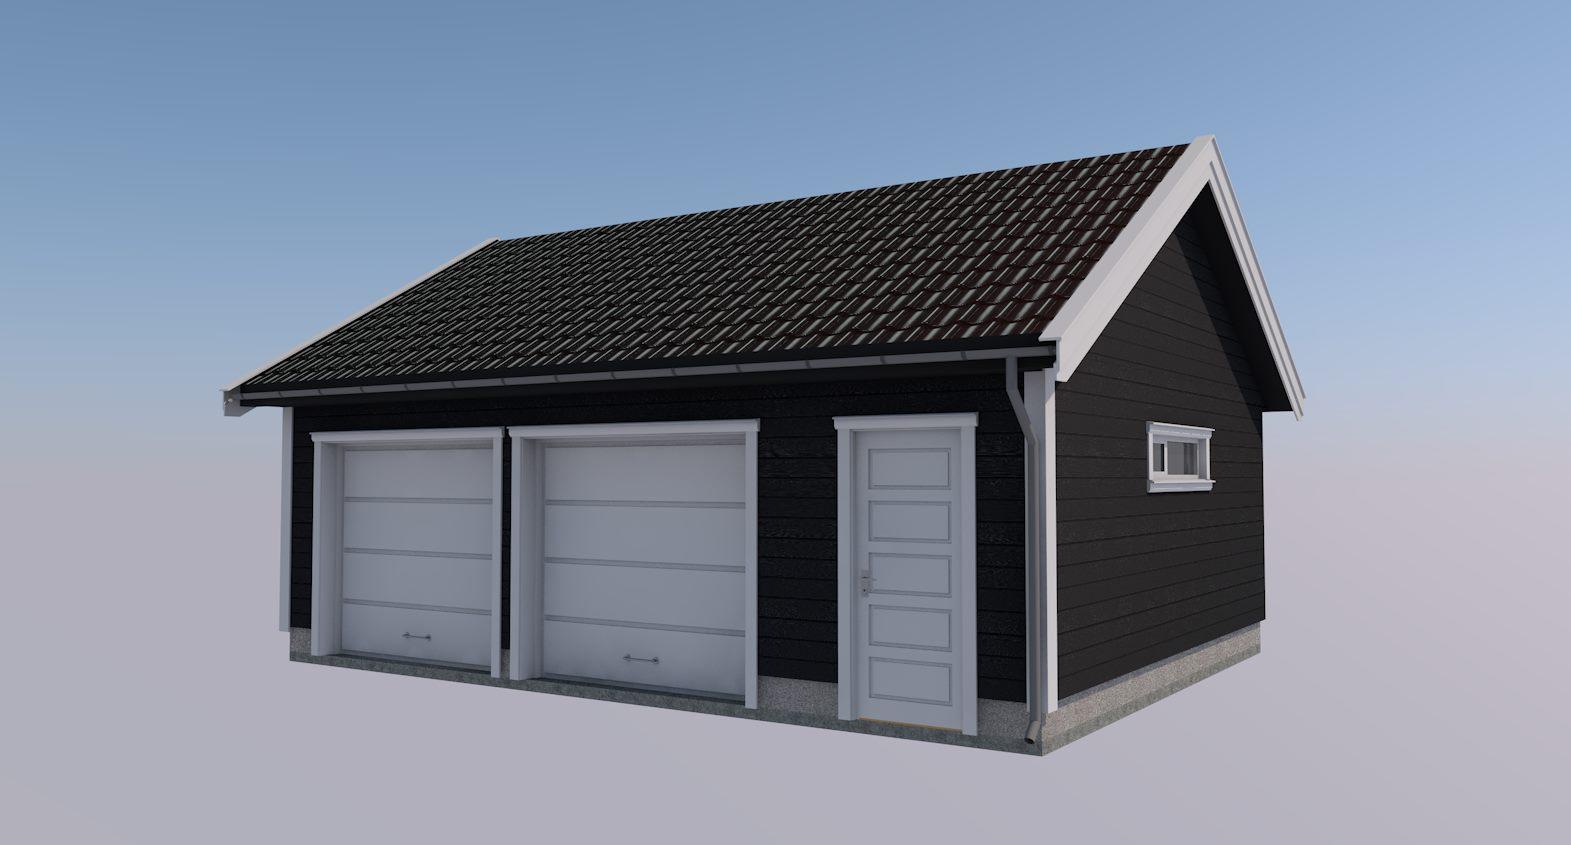 Garasje Høysand